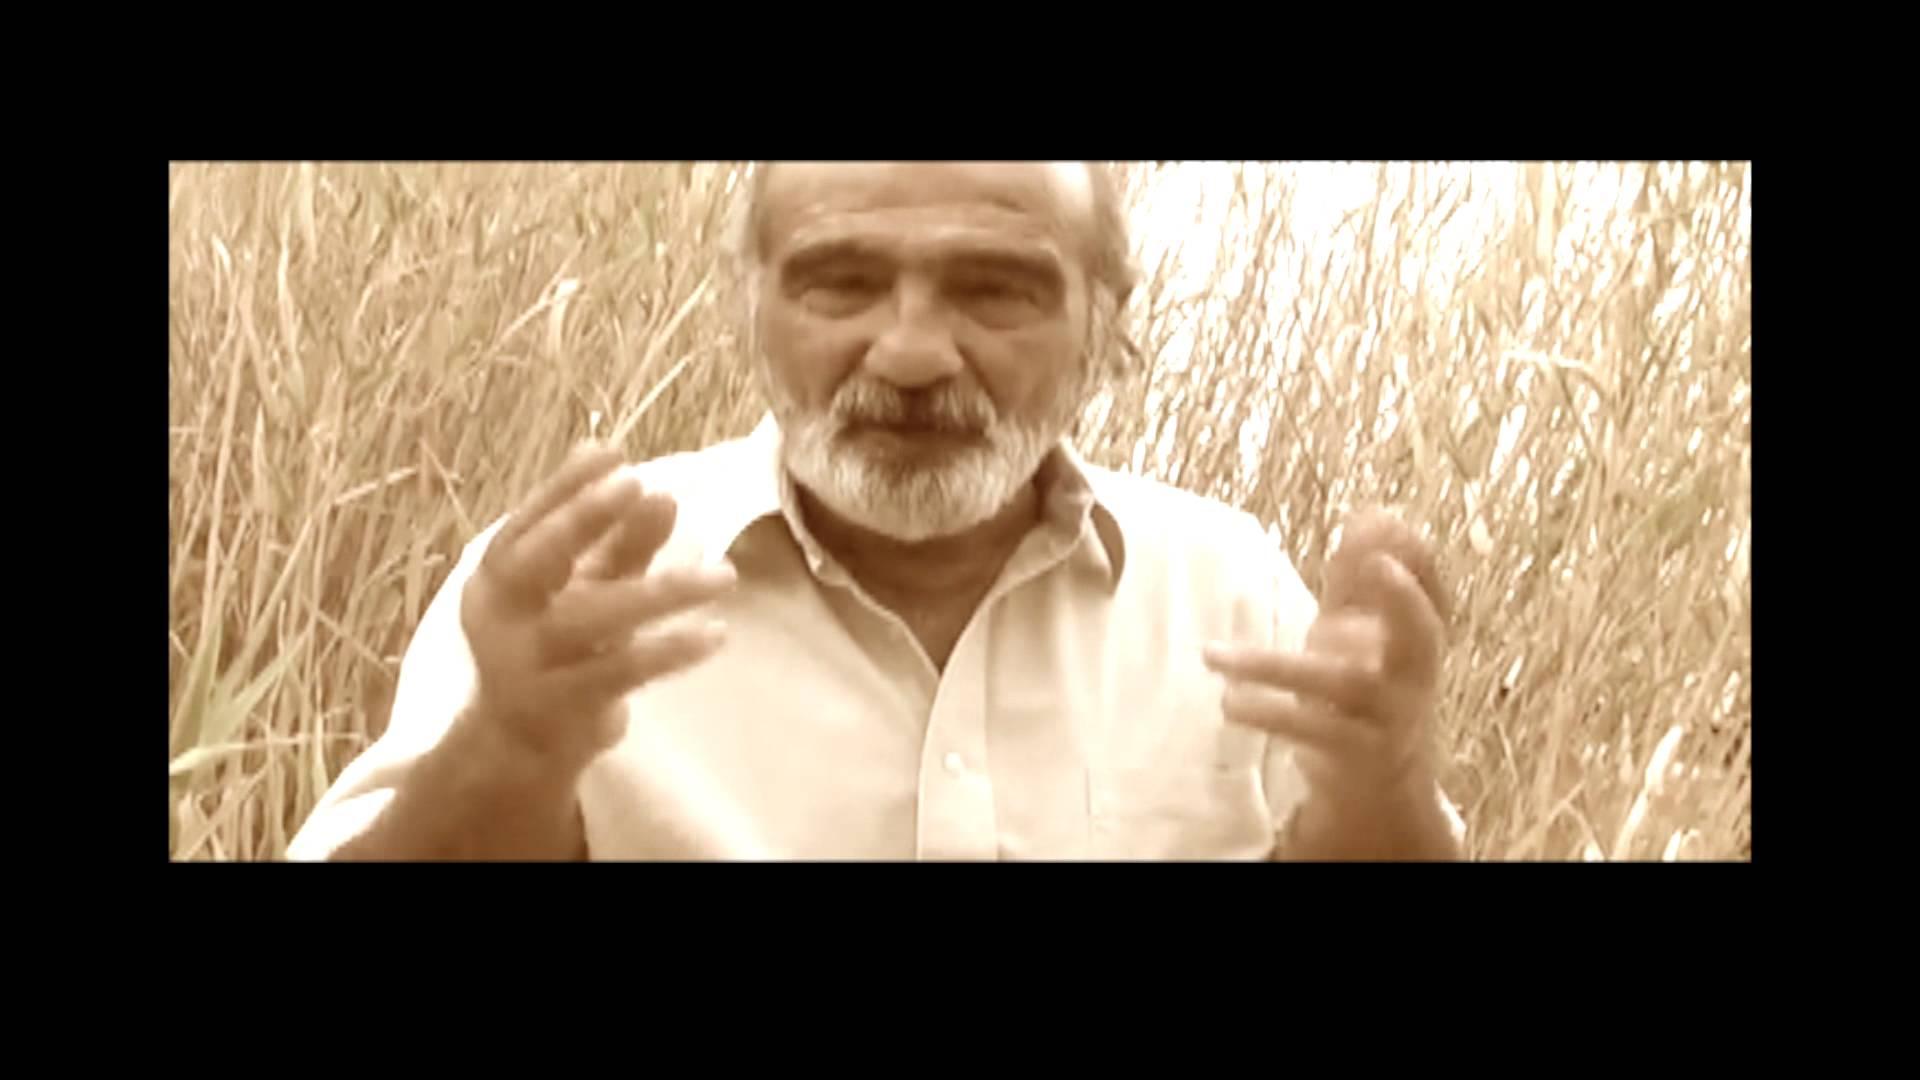 پروژه پاورپوینت زندگی نامه نادر خلیلی